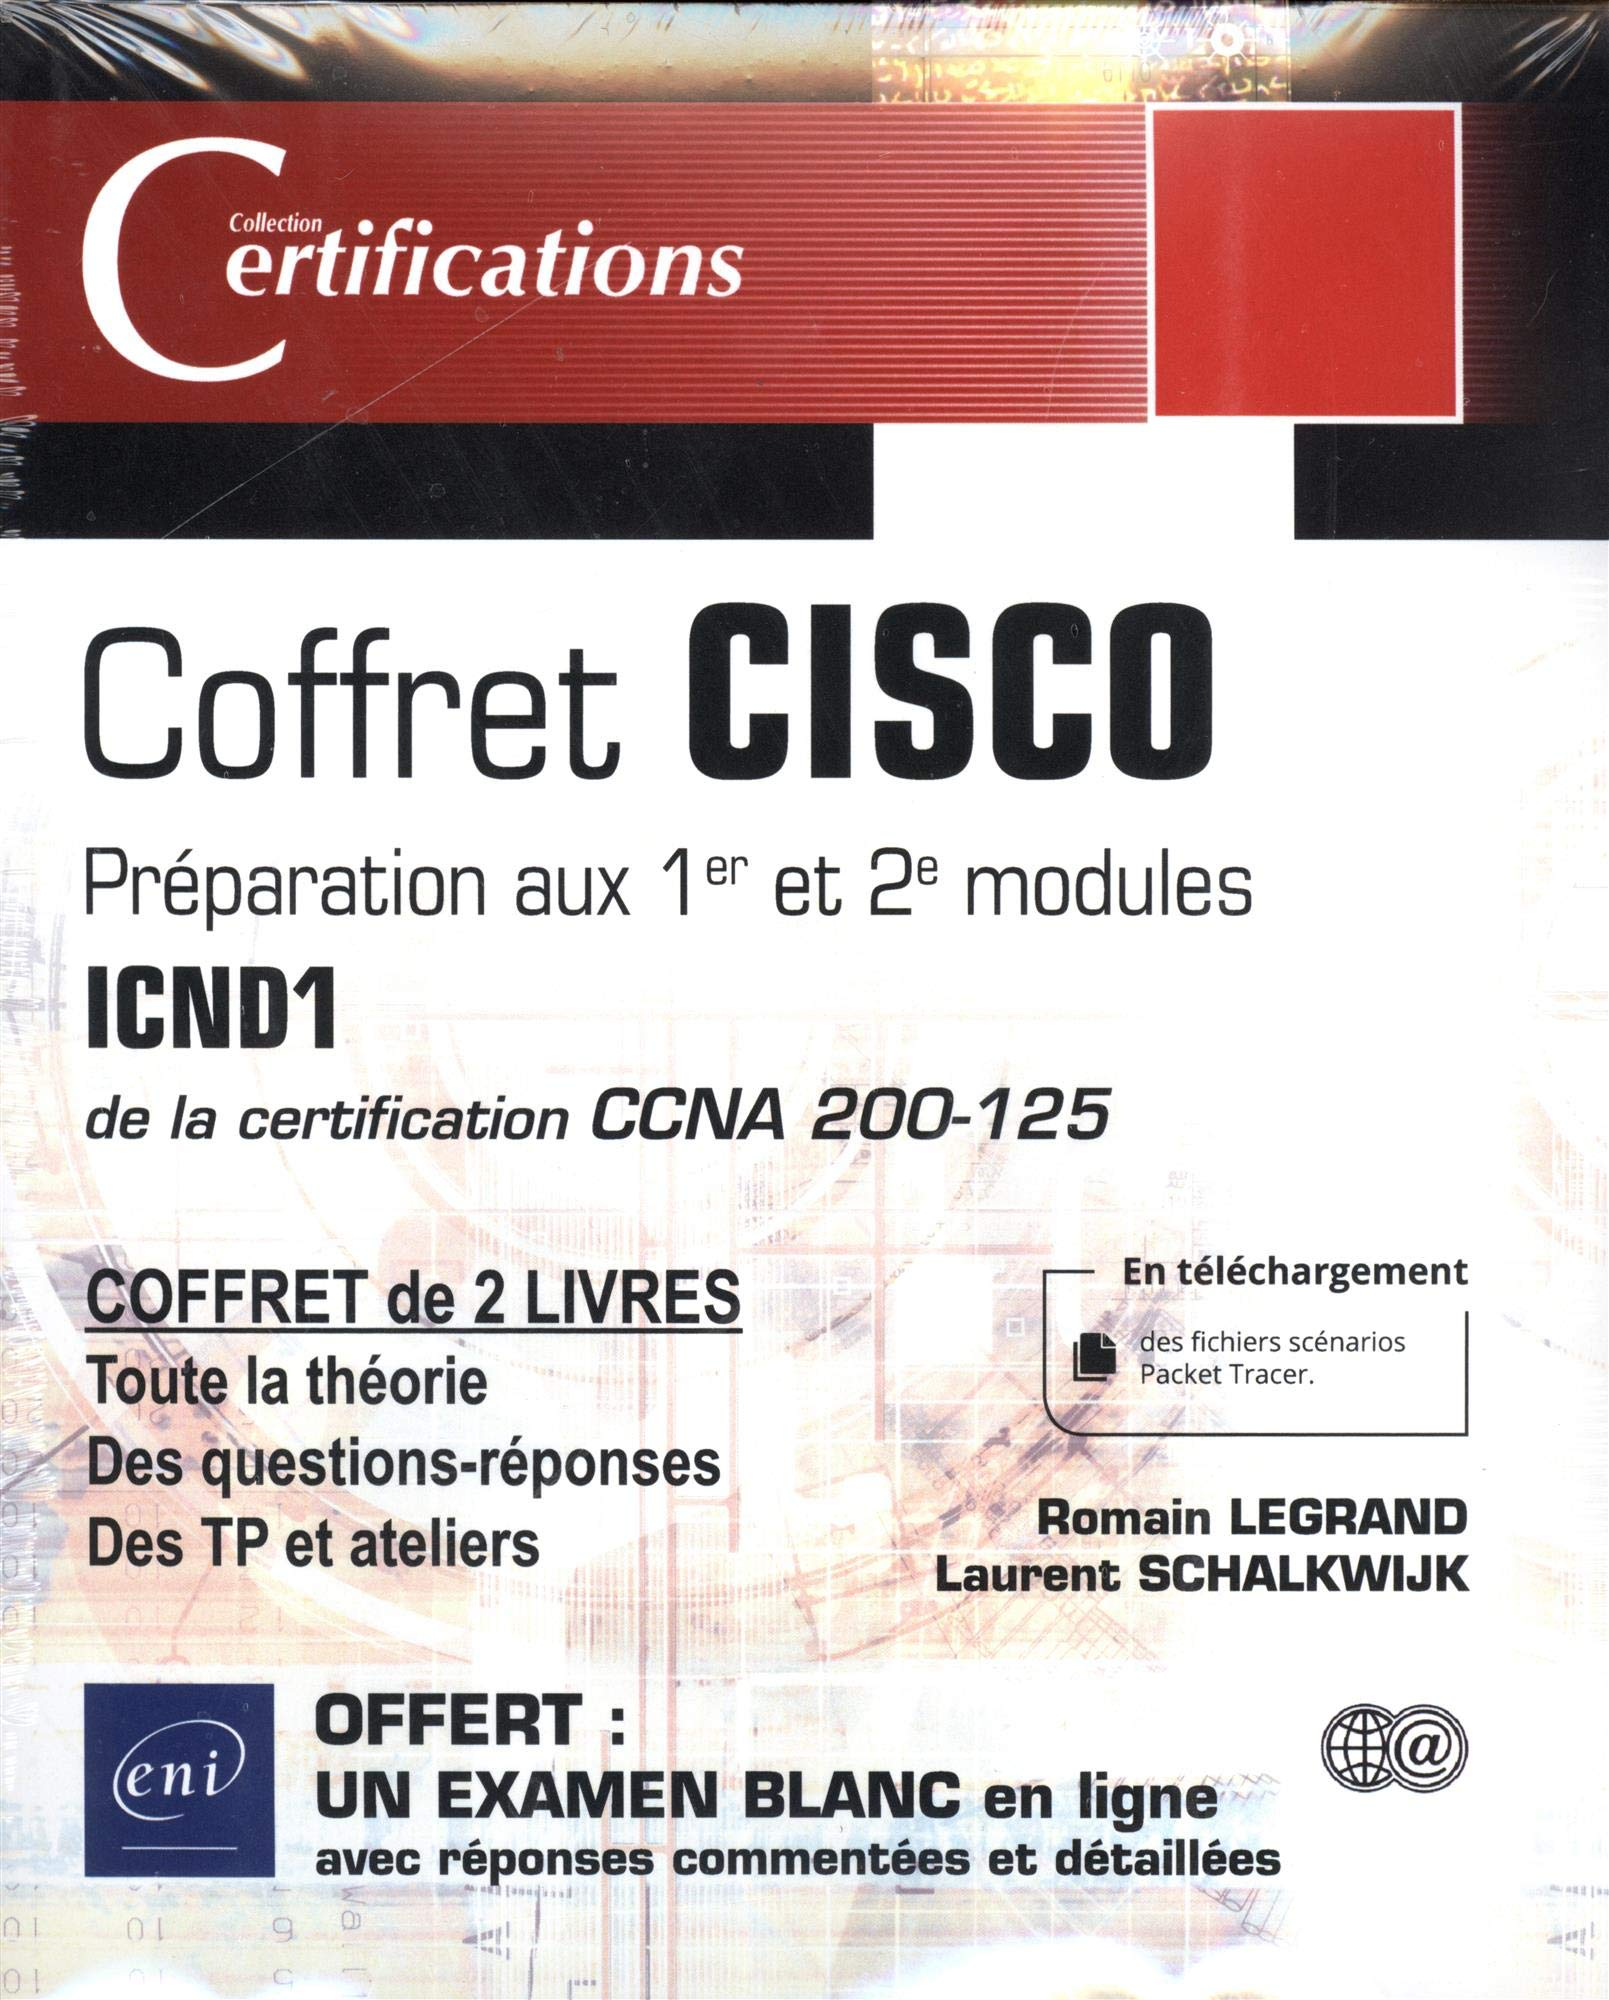 CISCO : coffret de 2 livres - Préparation aux 1er et 2e modules ICND1 de la certification CCNA 200-125